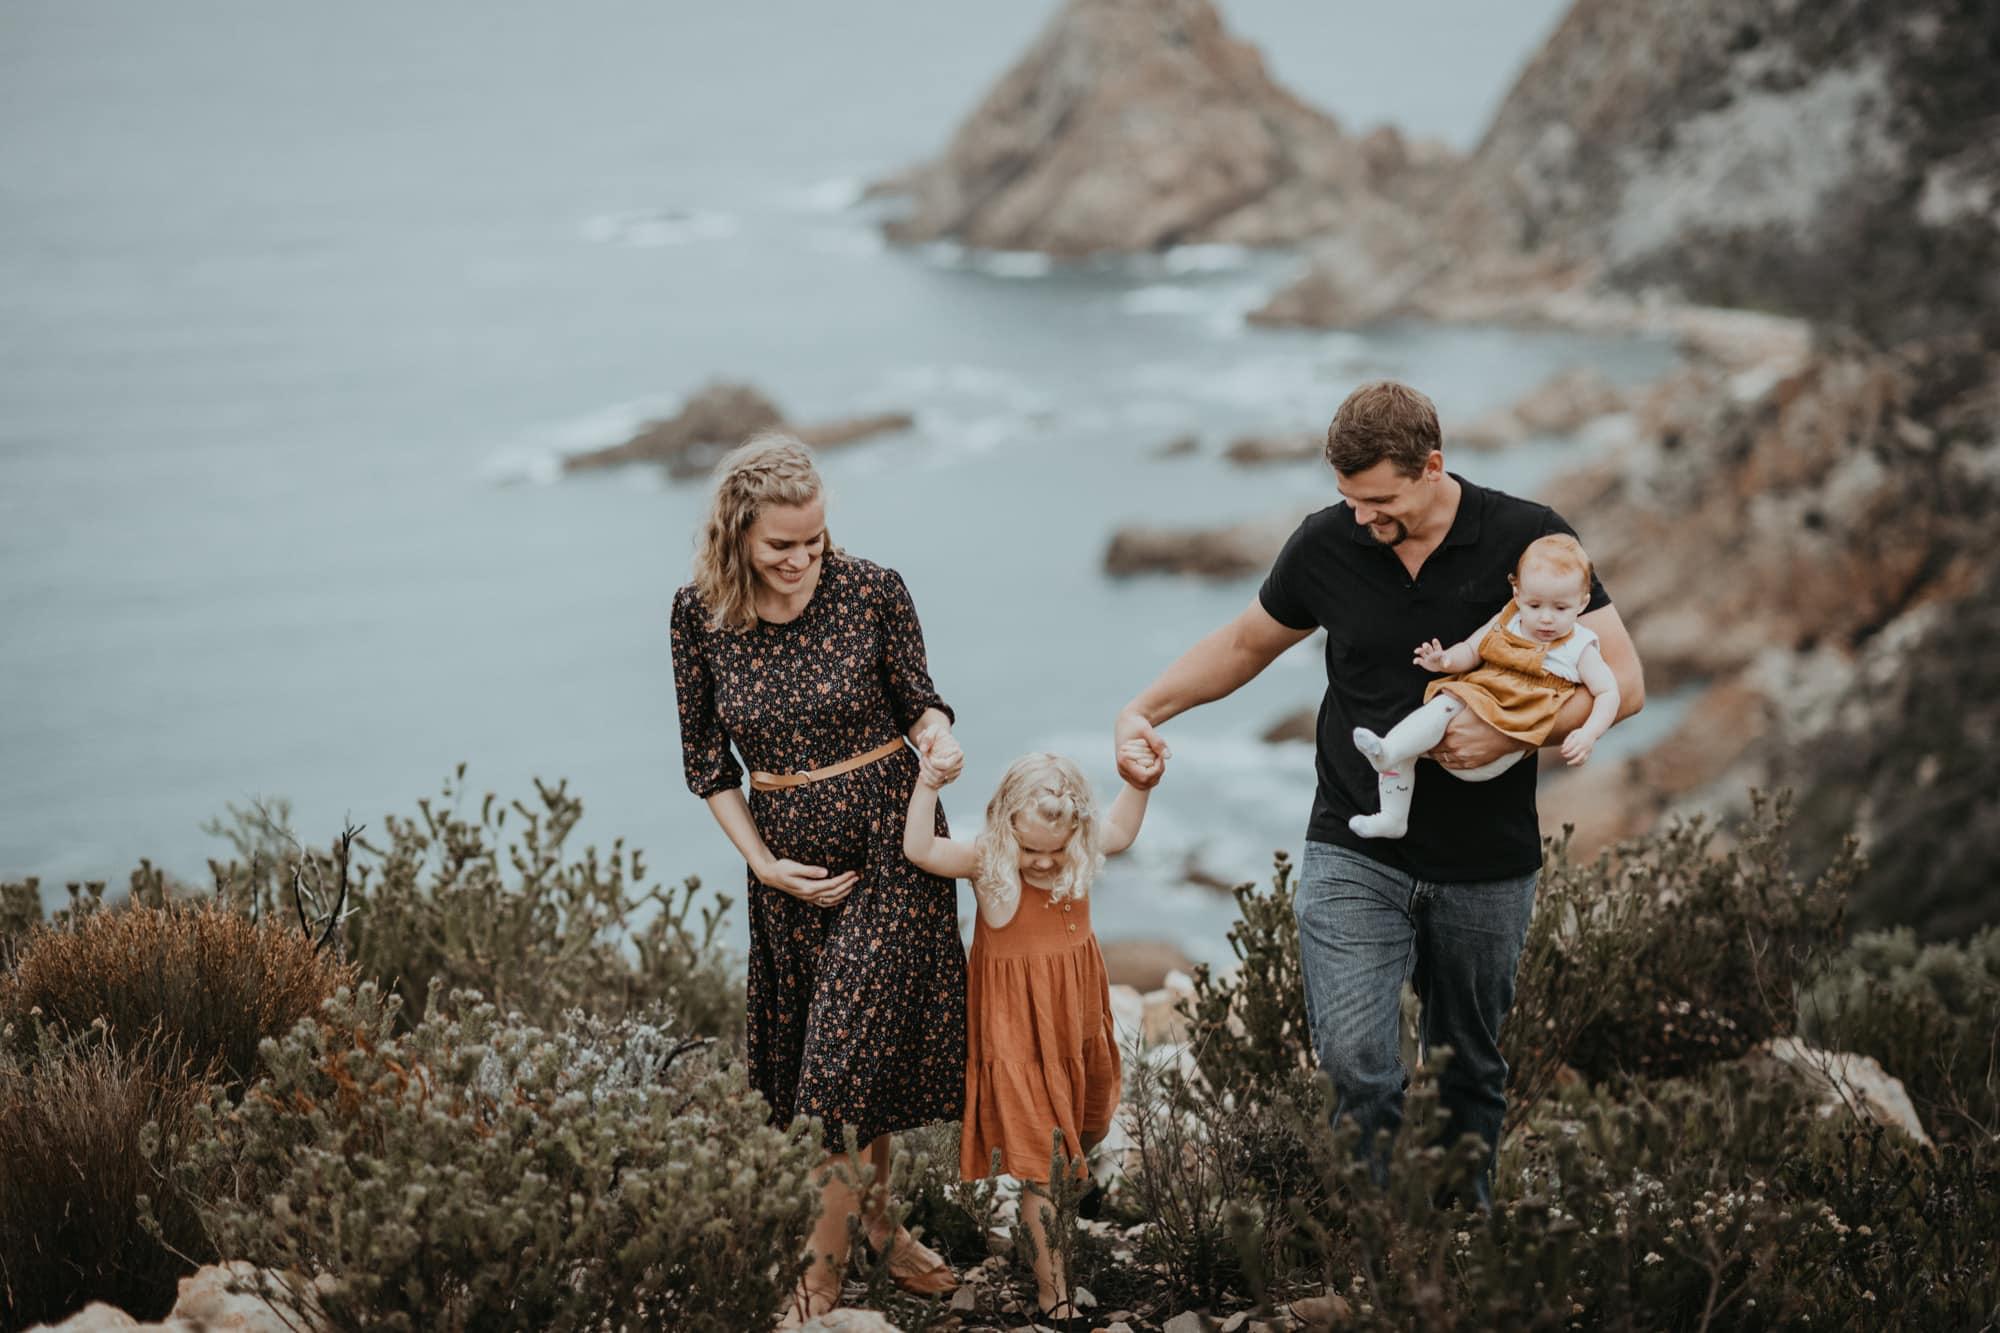 lene-family-shoot-harkerville-plettenberg-bay-281